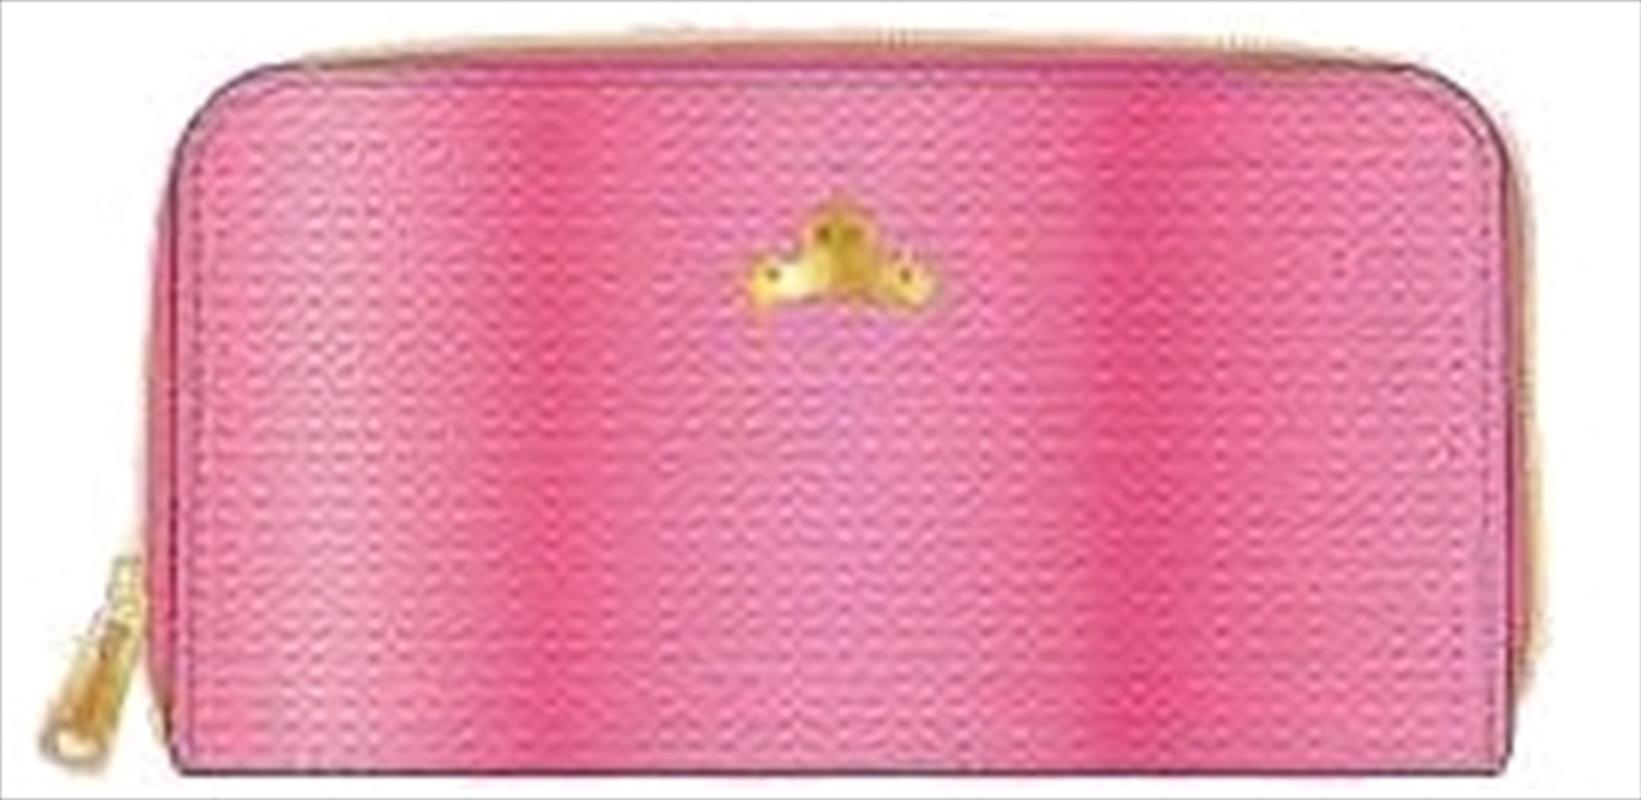 Cinderella - Reversible Sequin Purse | Apparel